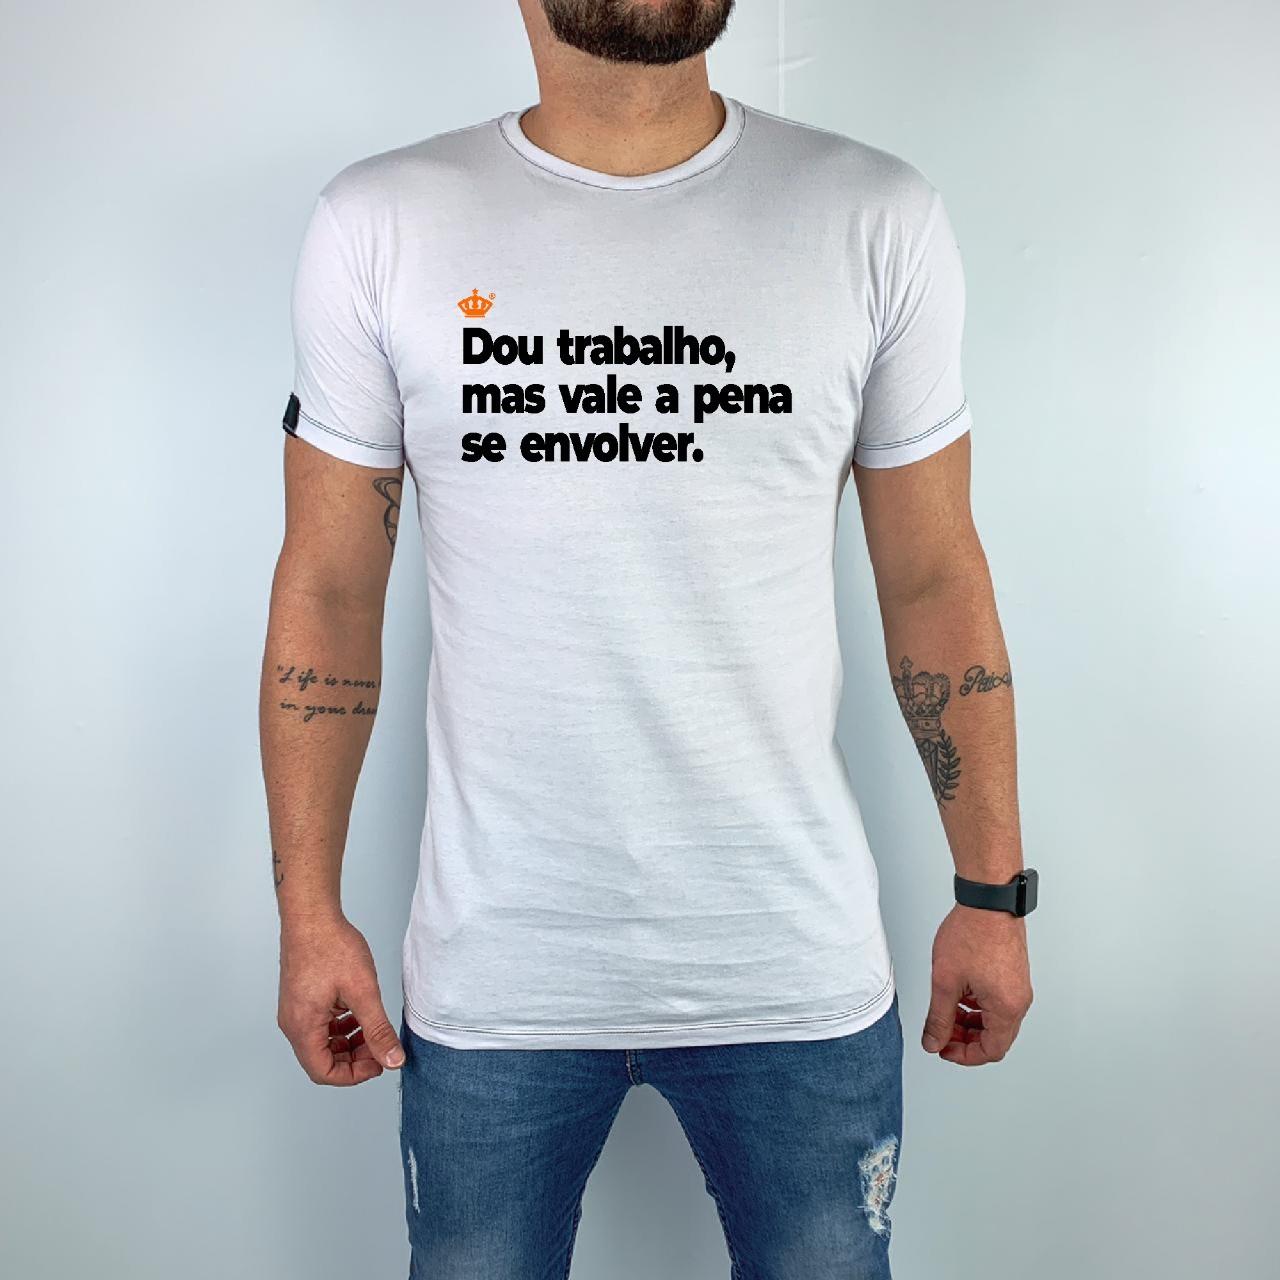 Camiseta Dou trabalho, mas vale a pena se envolver.